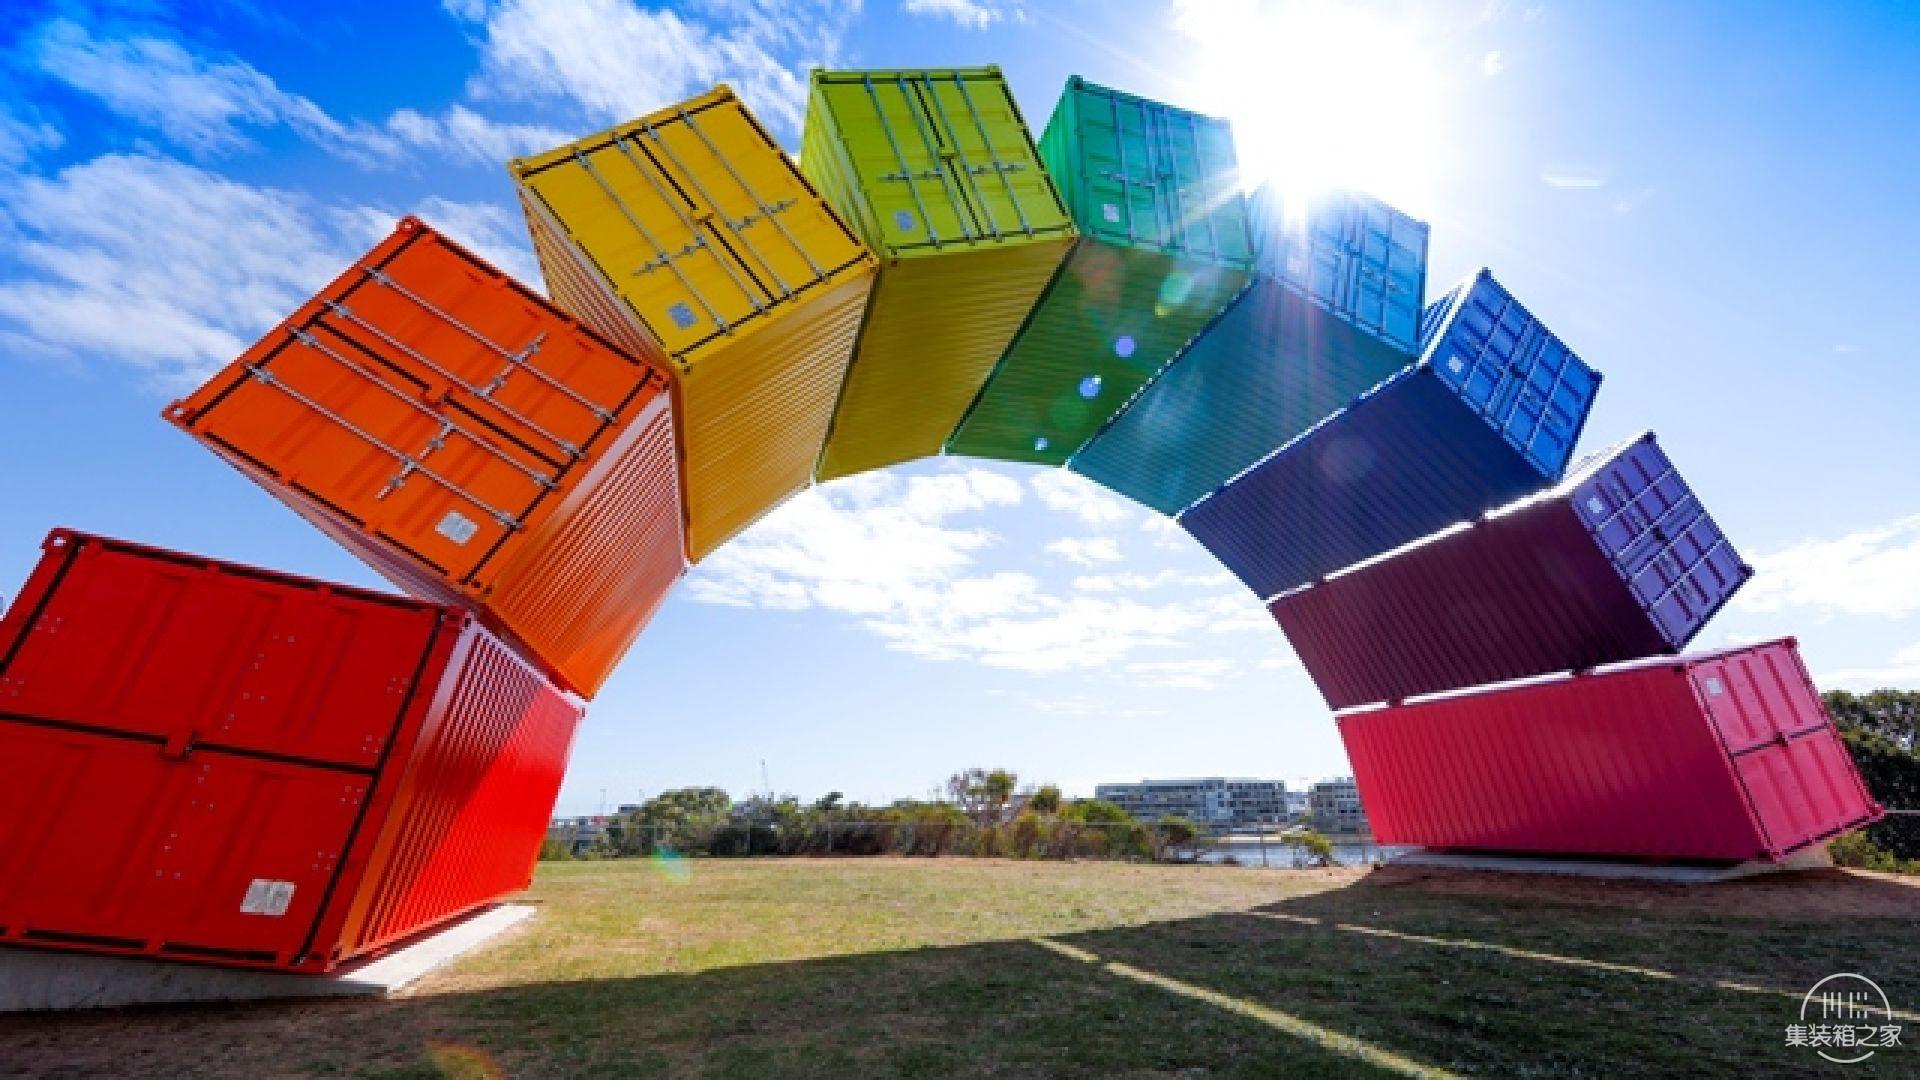 集装箱彩虹这个结构看起来异想天开却不得不佩服艺术家的想象-3.jpg